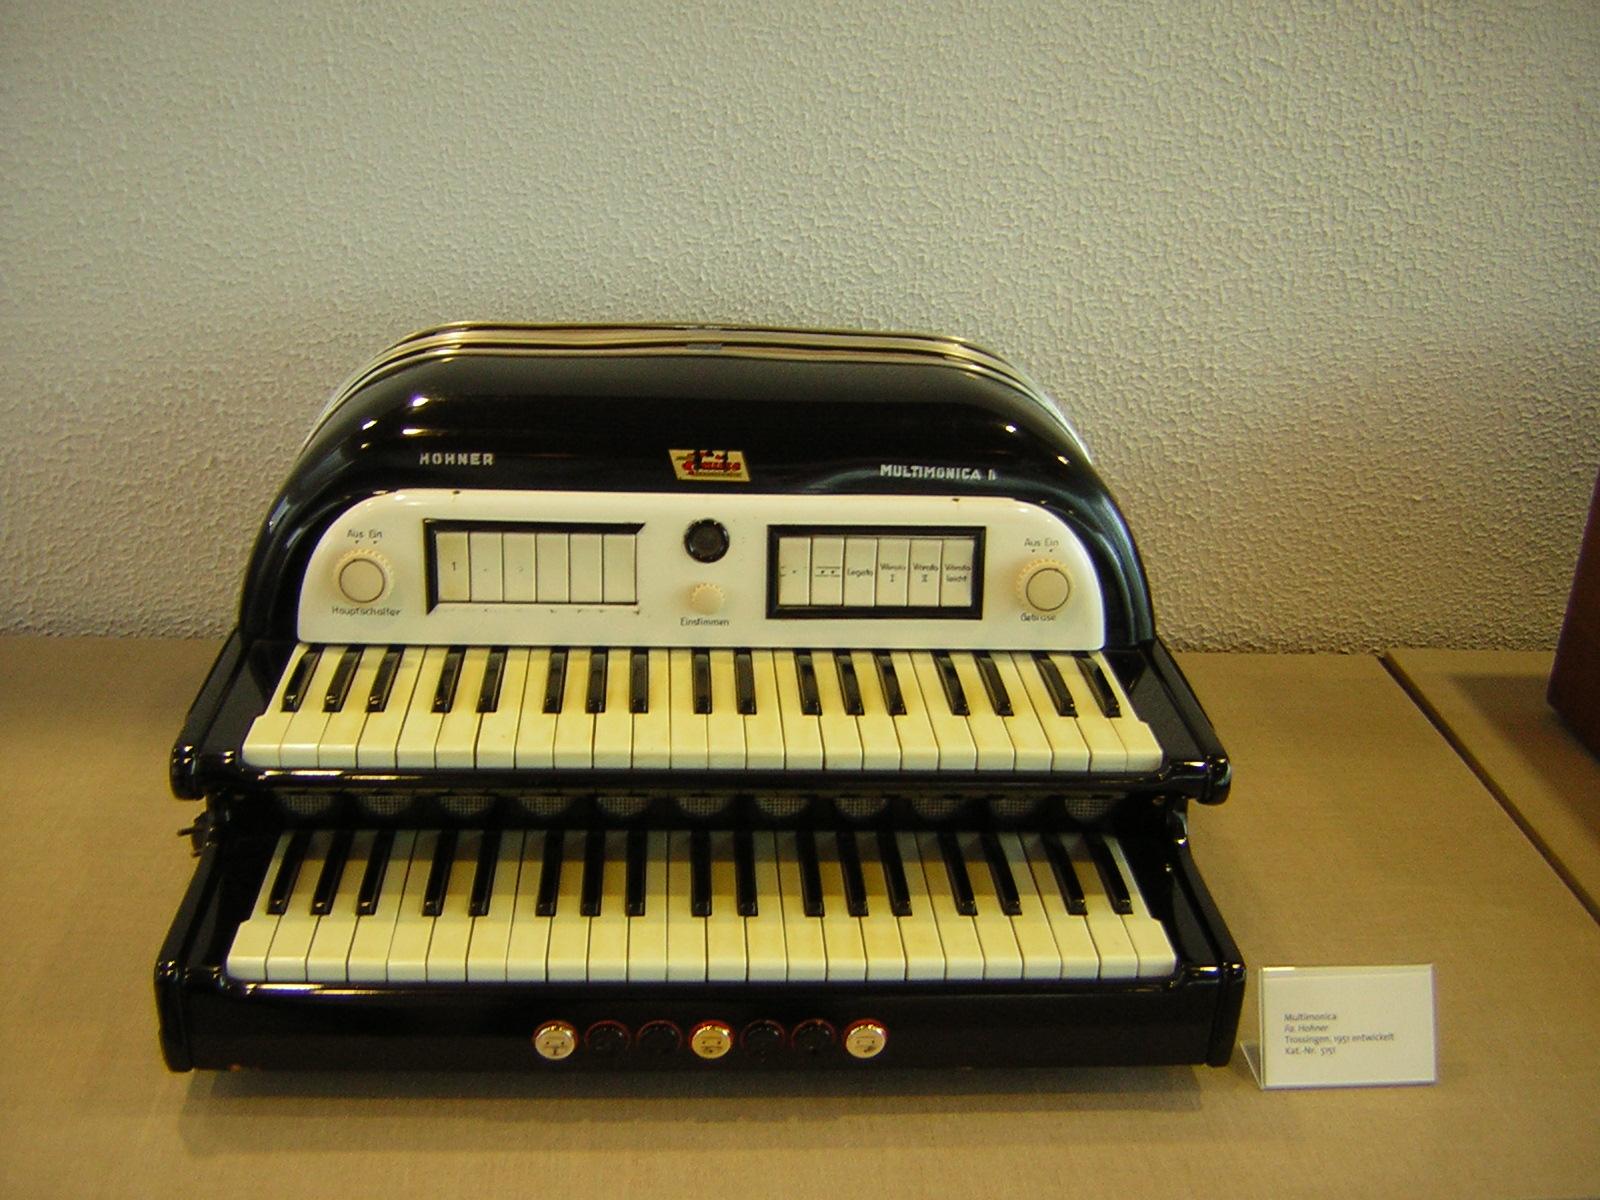 Hohner Multimonica.jpg